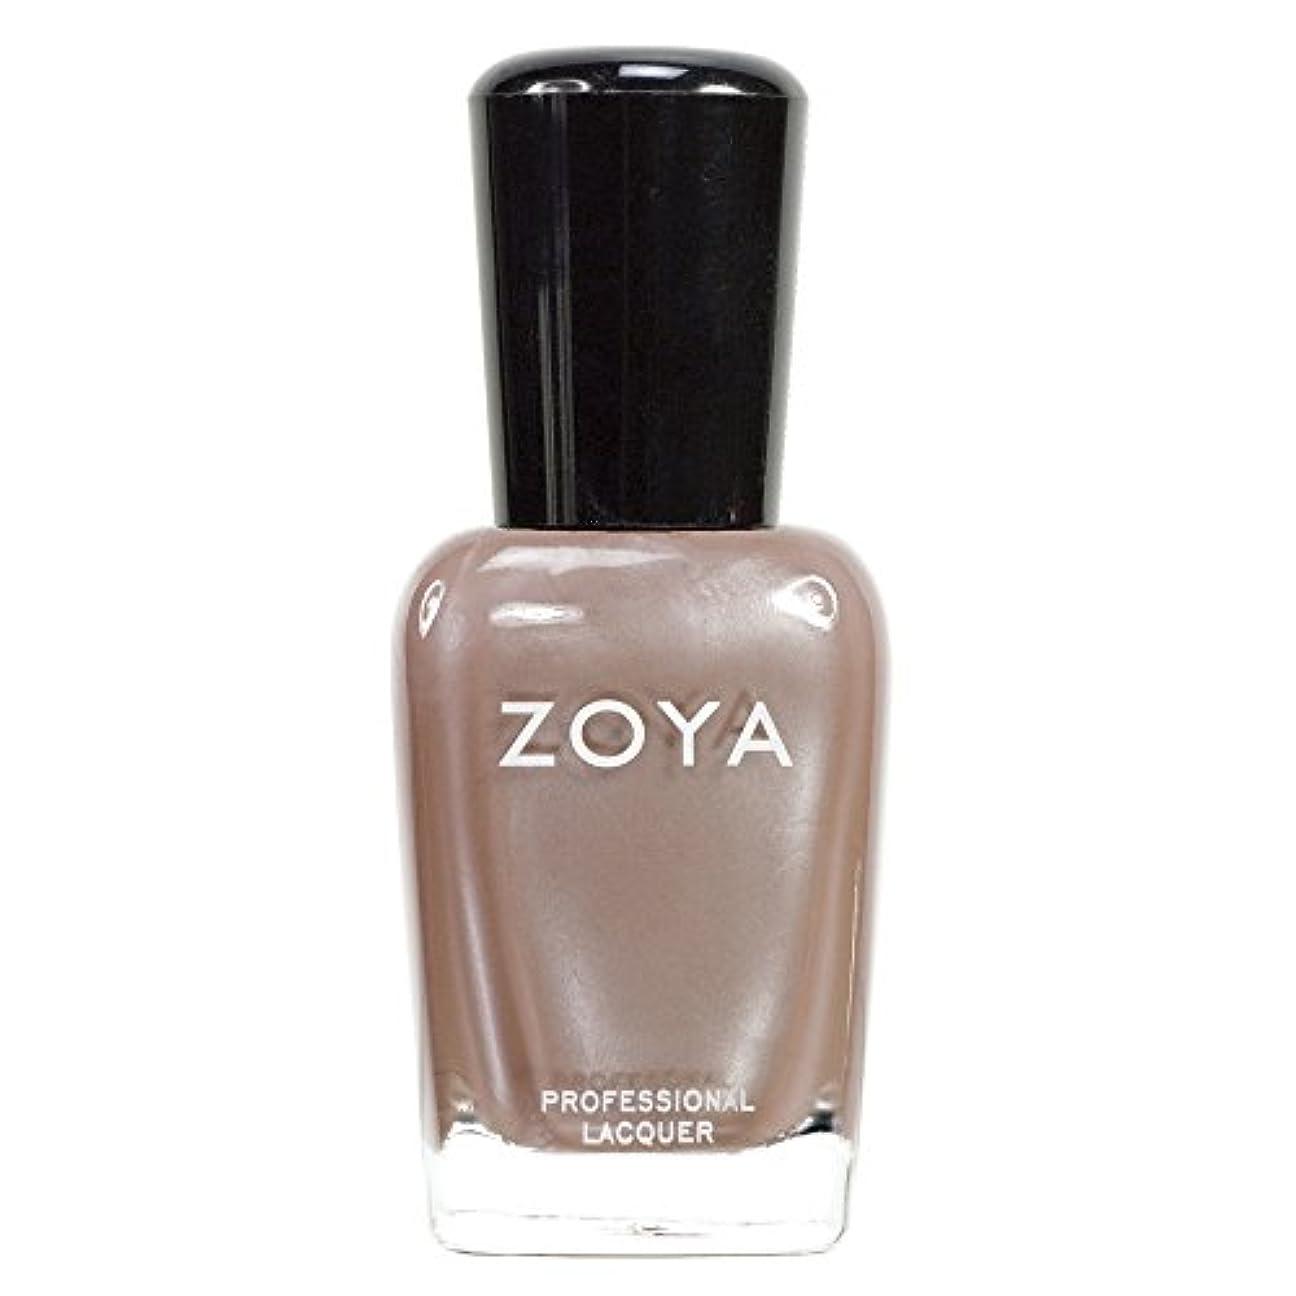 キリマンジャロ石膏旅行ZOYA ゾーヤ ネイルカラーZP280 PASHA パシャ 15ml シルバーの繊細なグリッターが輝くヌードベージュ パール/メタリック 爪にやさしいネイルポリッシュマニキュア